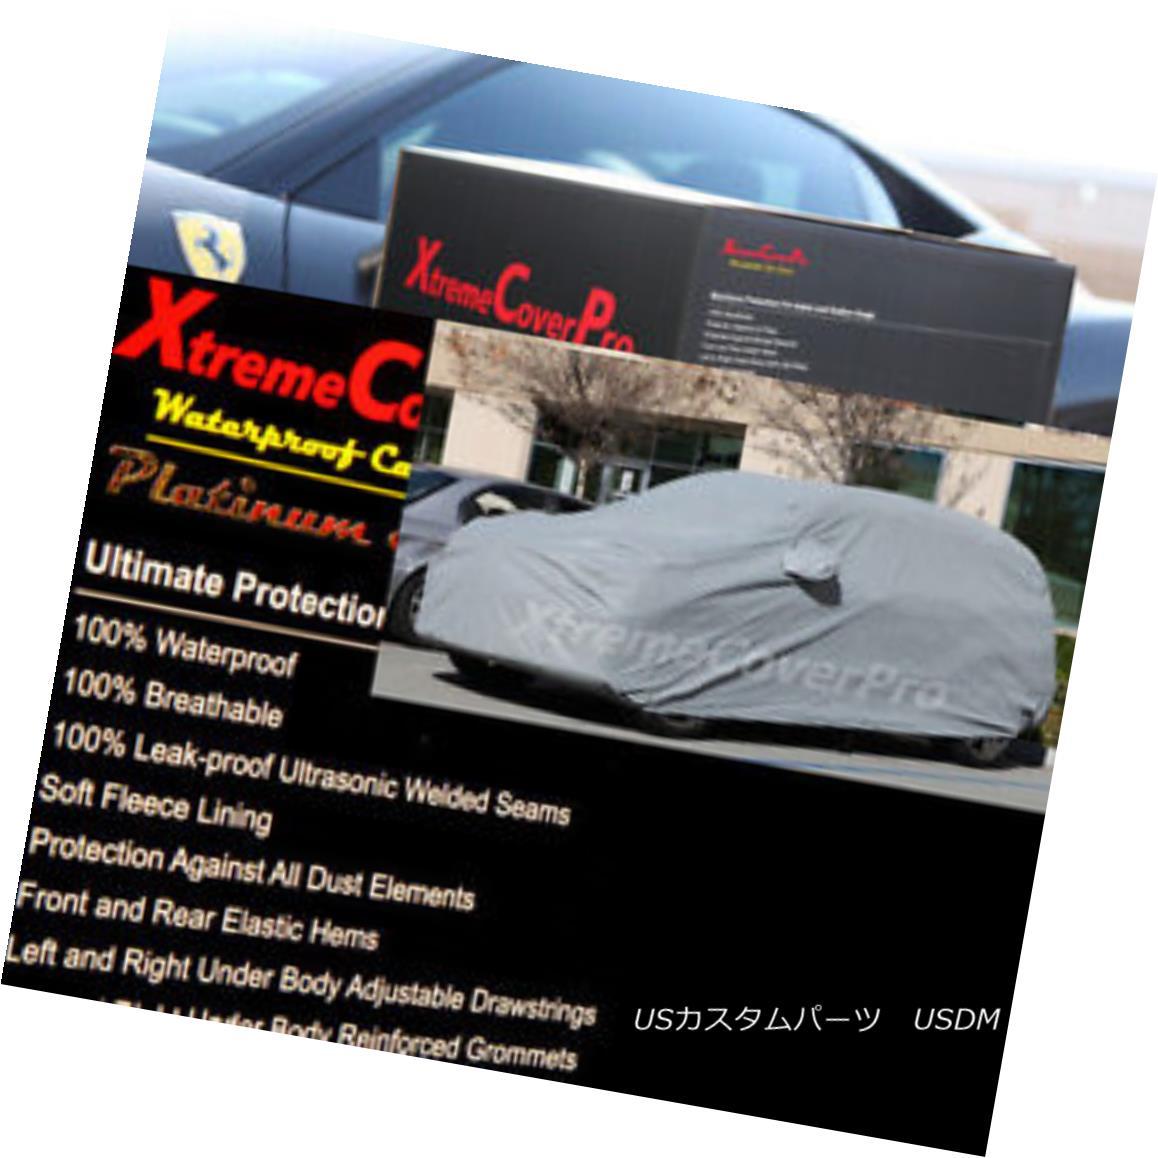 カーカバー 2001 2002 2003 2004 2005 Toyota RAV4 Waterproof Car Cover w/MirrorPocket 2001 2002 2003 2004 2005トヨタRAV4防水カーカバー付きMirrorPocket